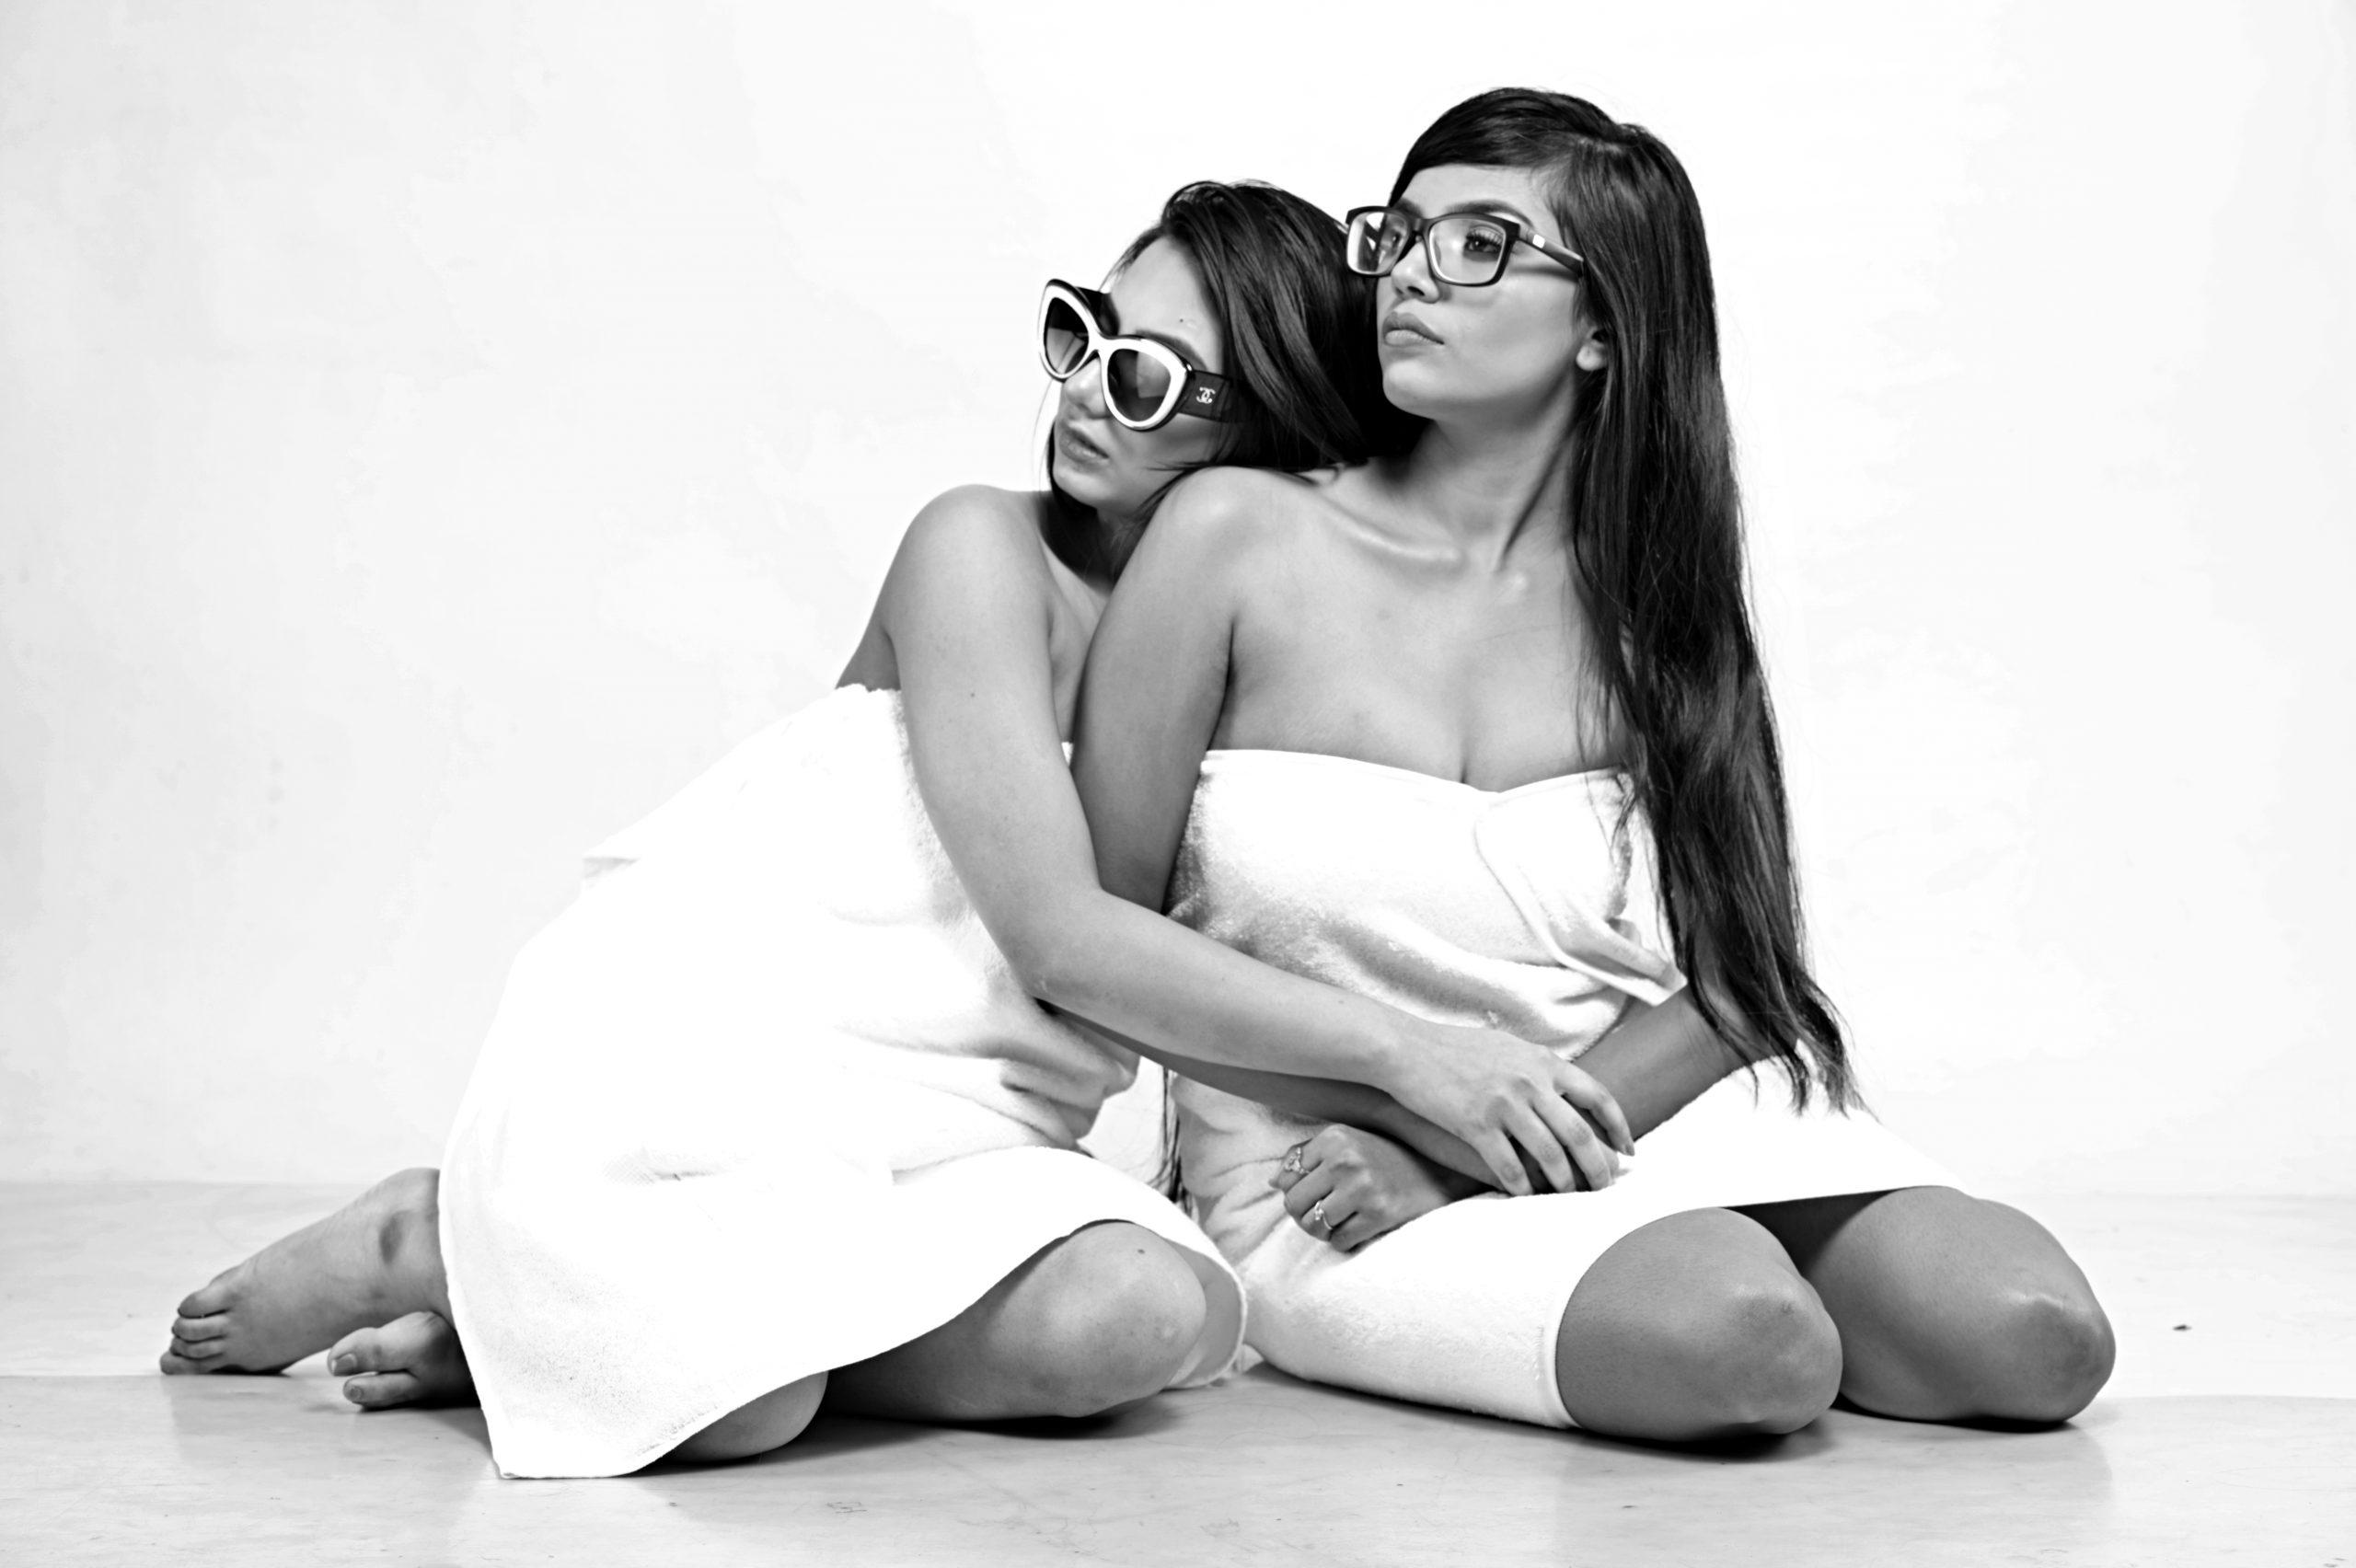 Two female models posing in Towel